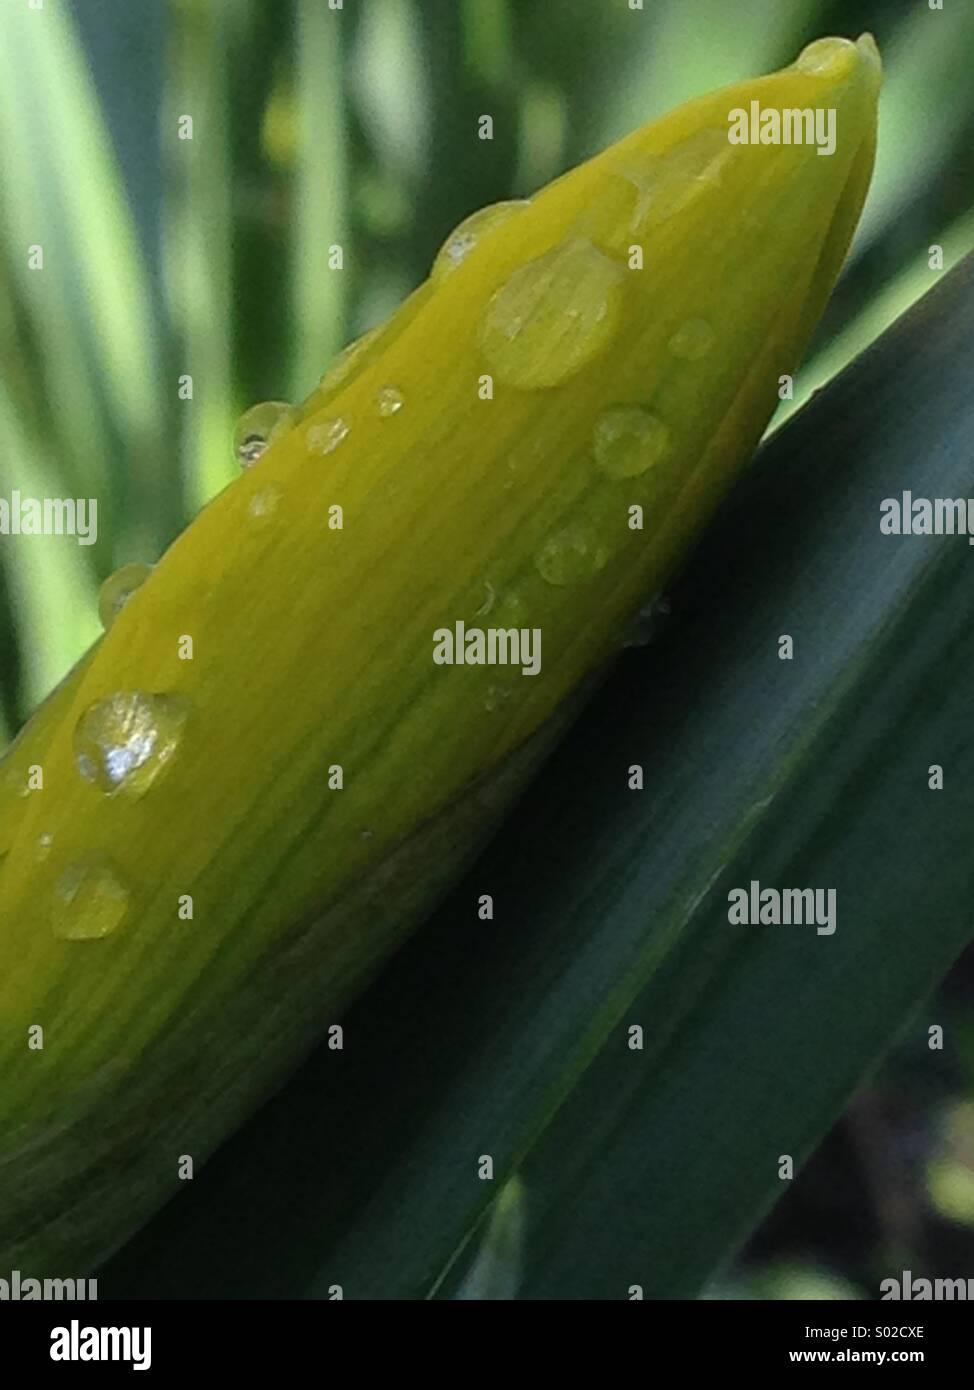 Narzissen Blütenknospe mit grünen Blättern und Wassertropfen Stockbild